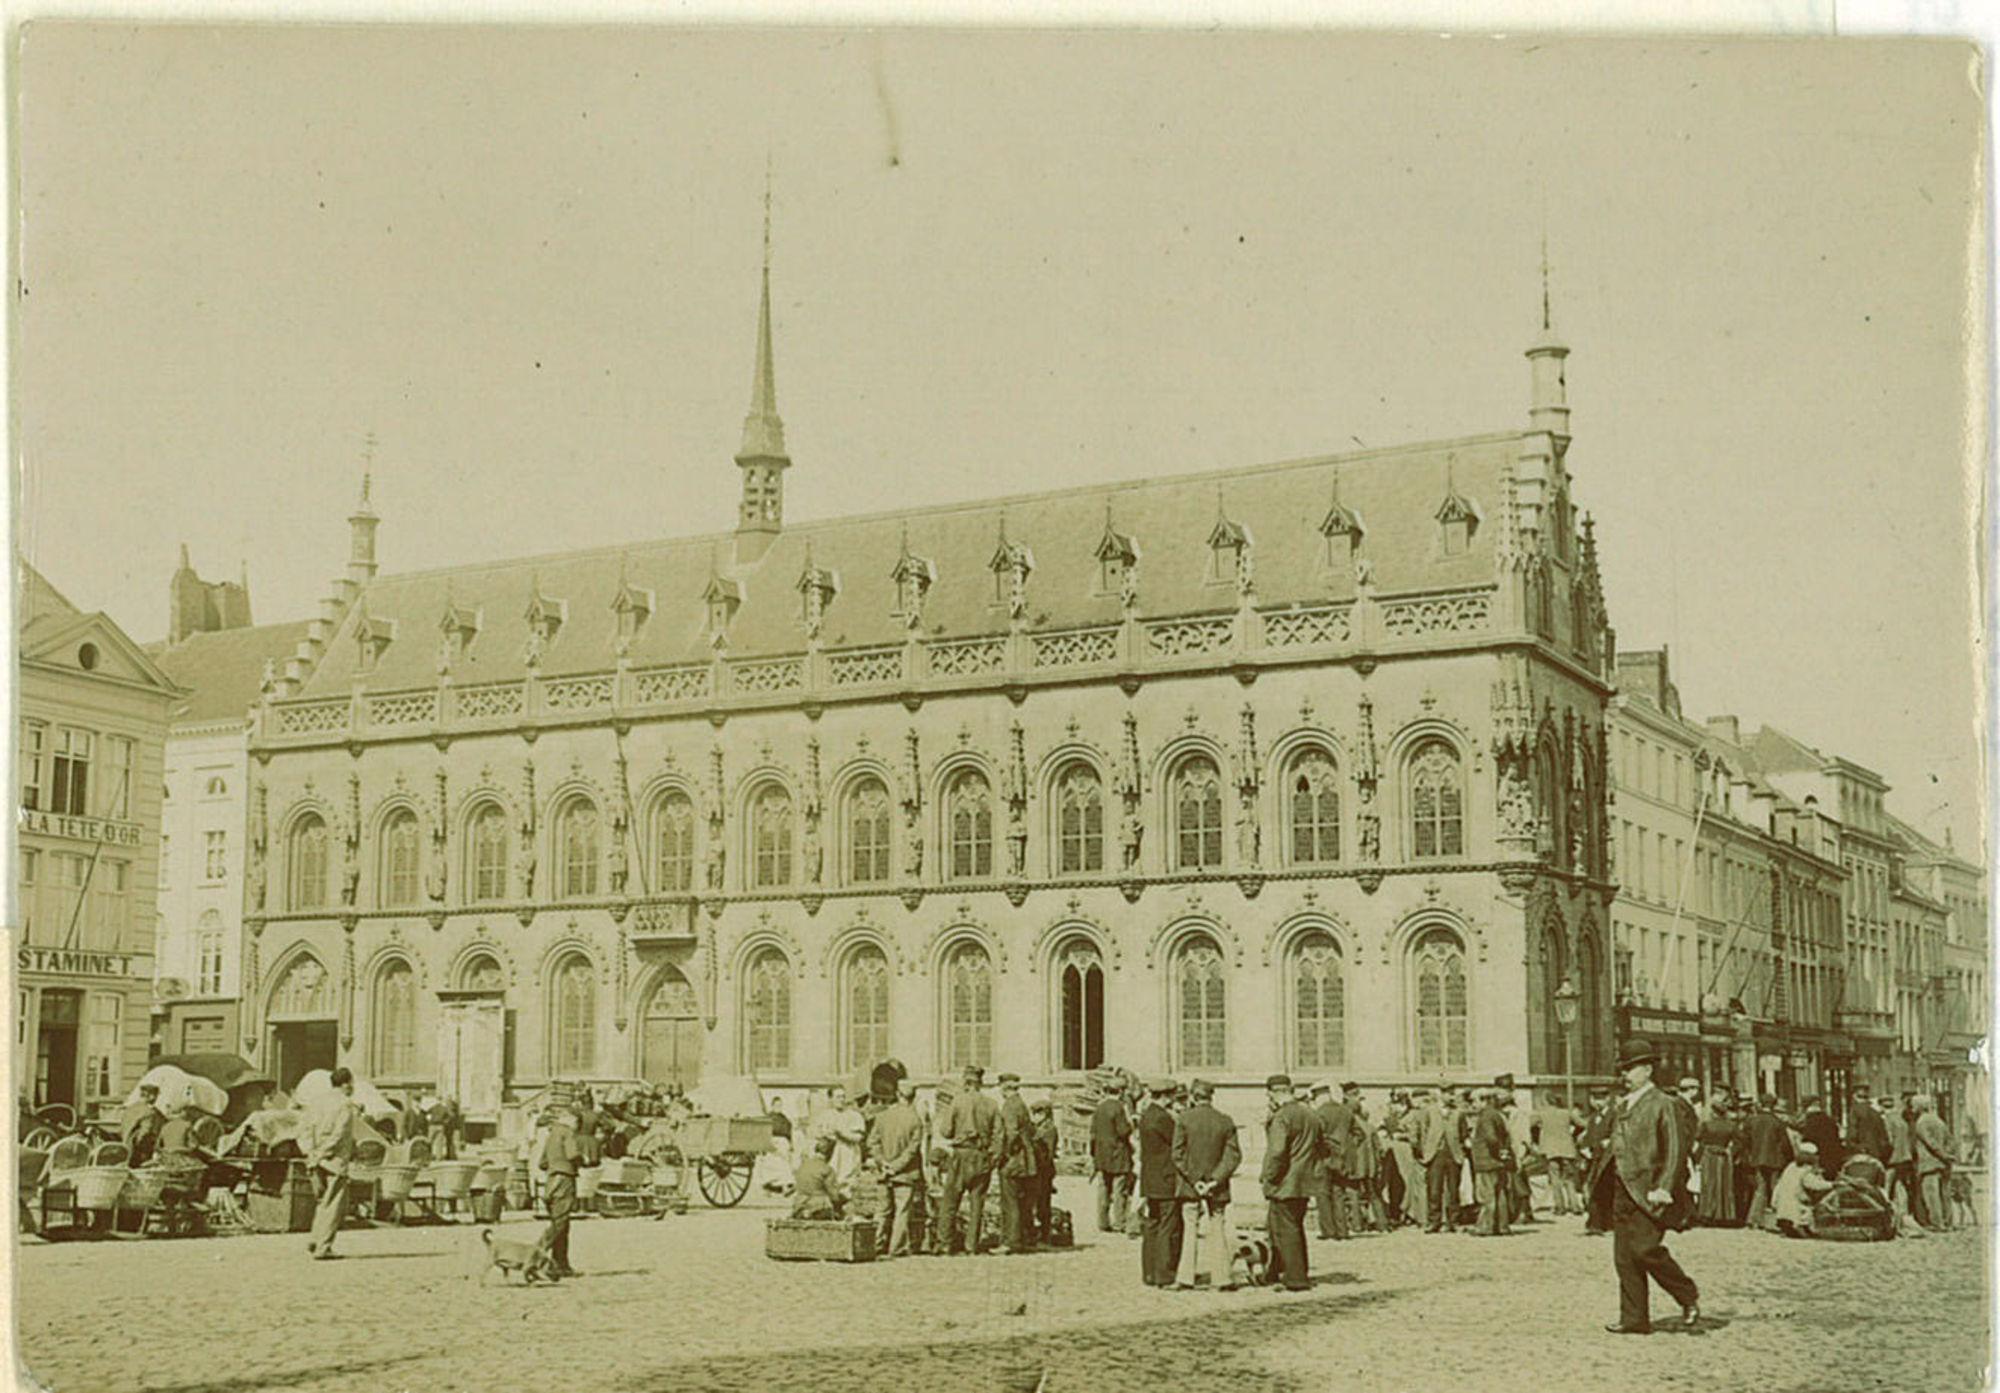 Maandagmarkt in 1900